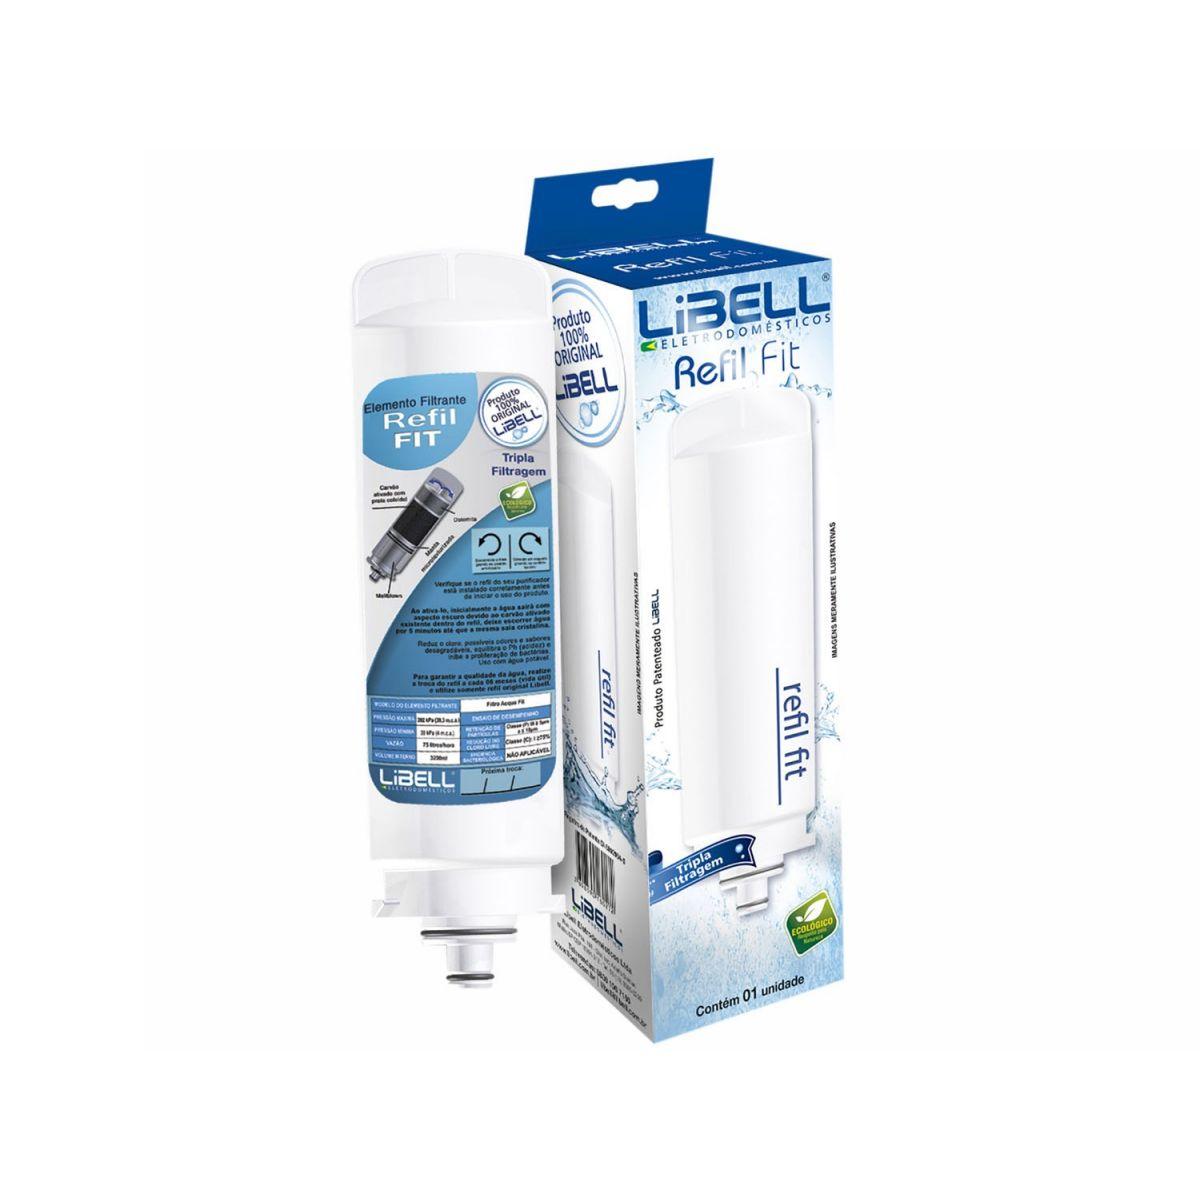 Refil Filtro para Purificador de Água Libell Fit Original